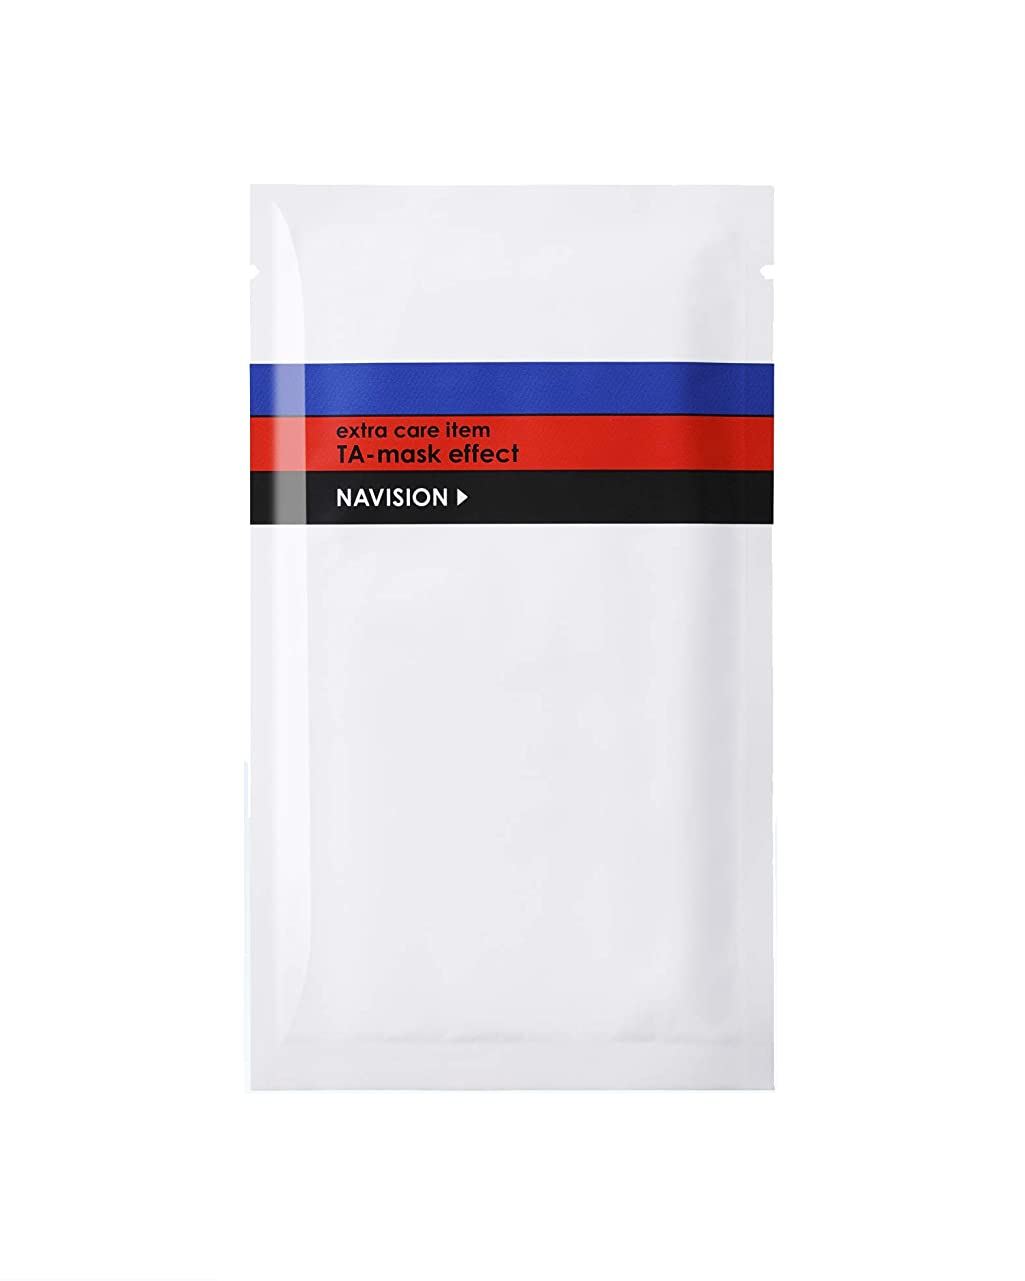 ゲスト啓示送るナビジョン NAVISION TAマスクエフェクト ~ニキビのもとになりにくい処方 薬用美白マスク